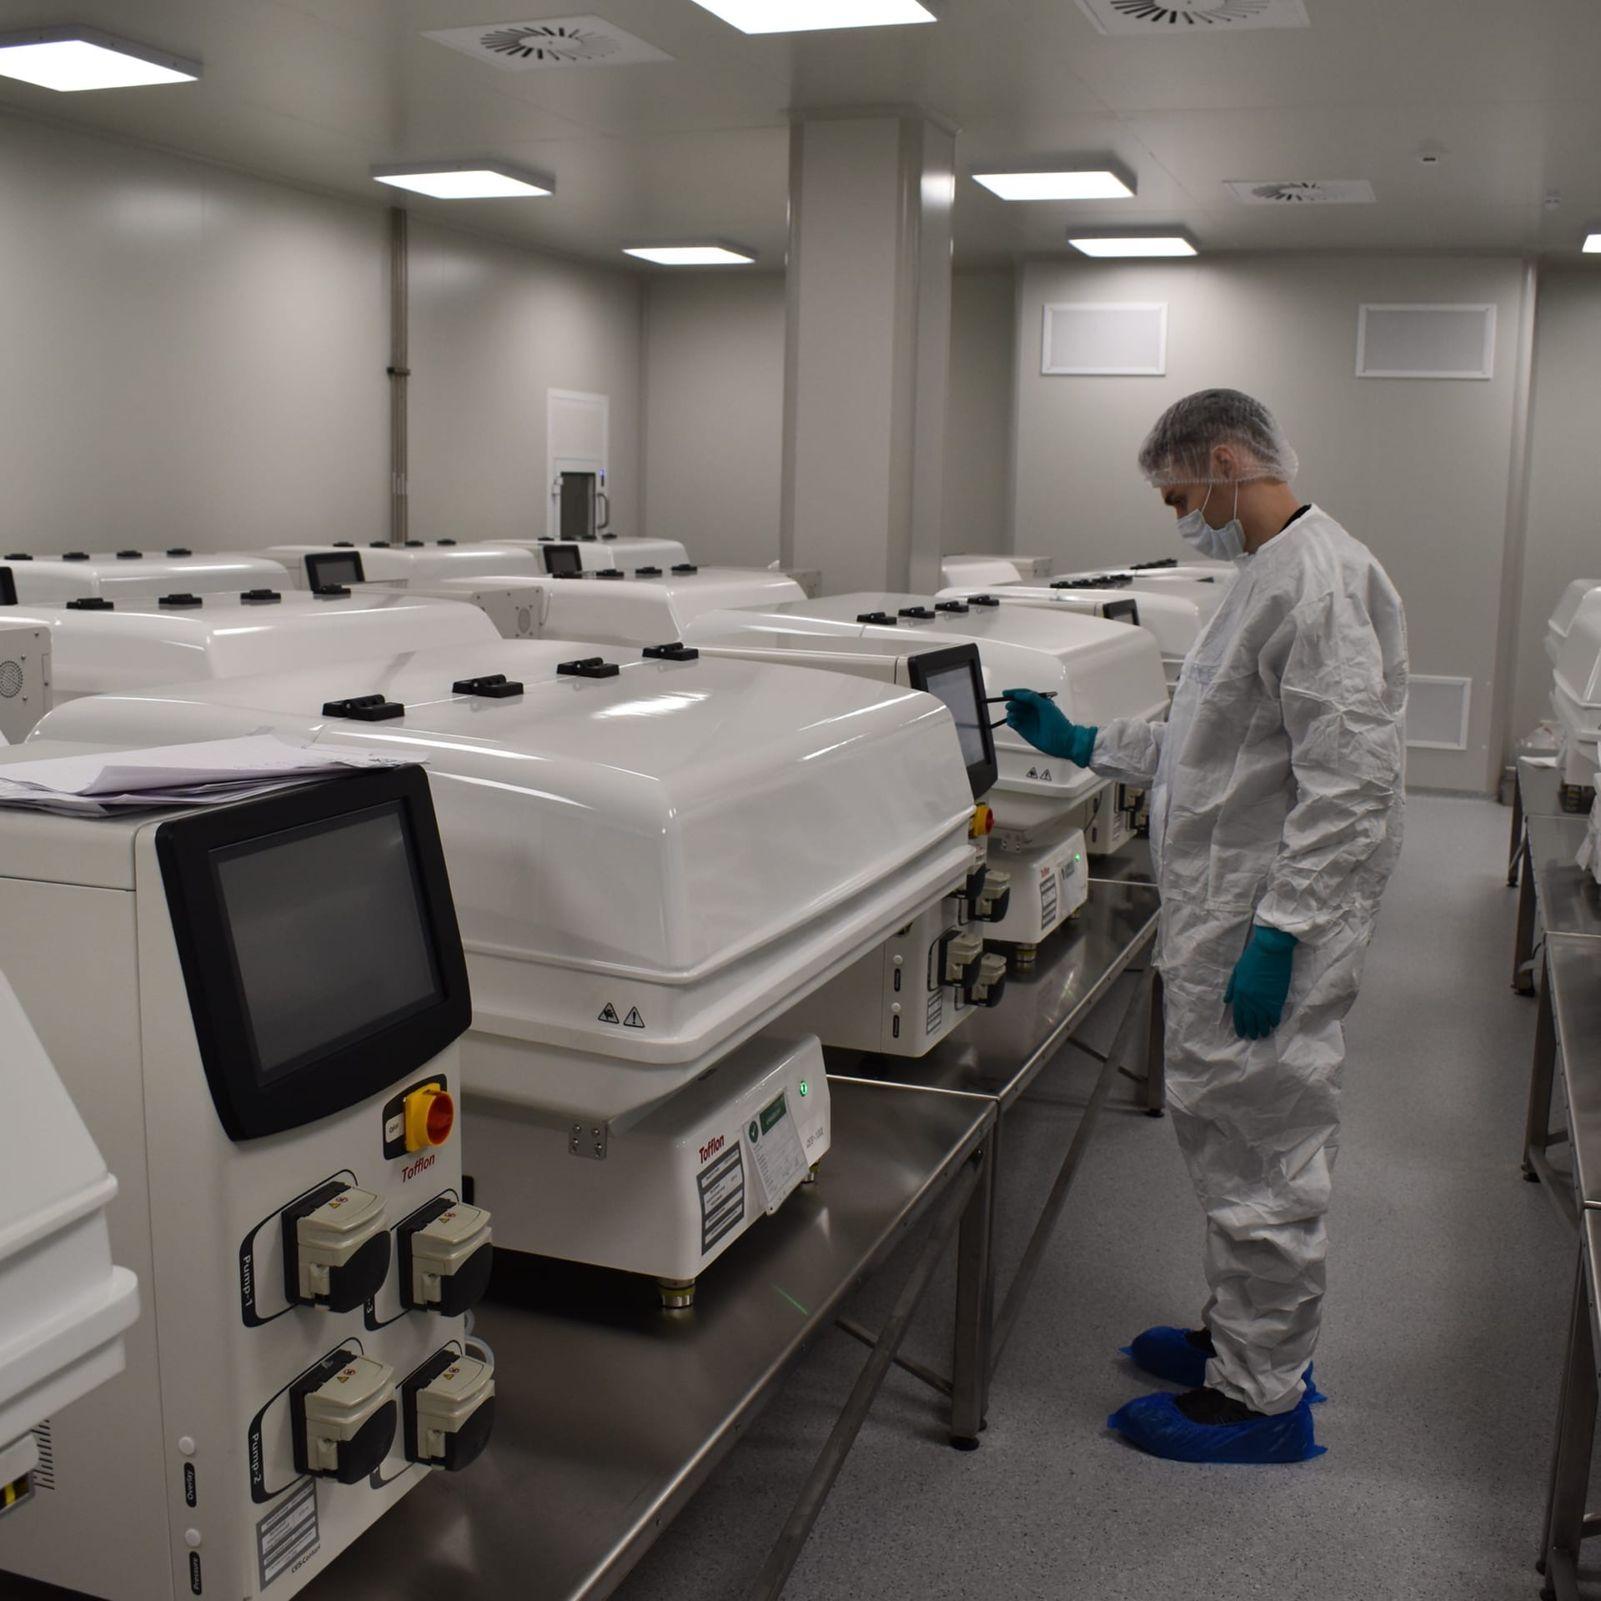 Дмитрий Миронов: в Ярославской области будет производиться вакцина от коронавируса для миллионов россиян